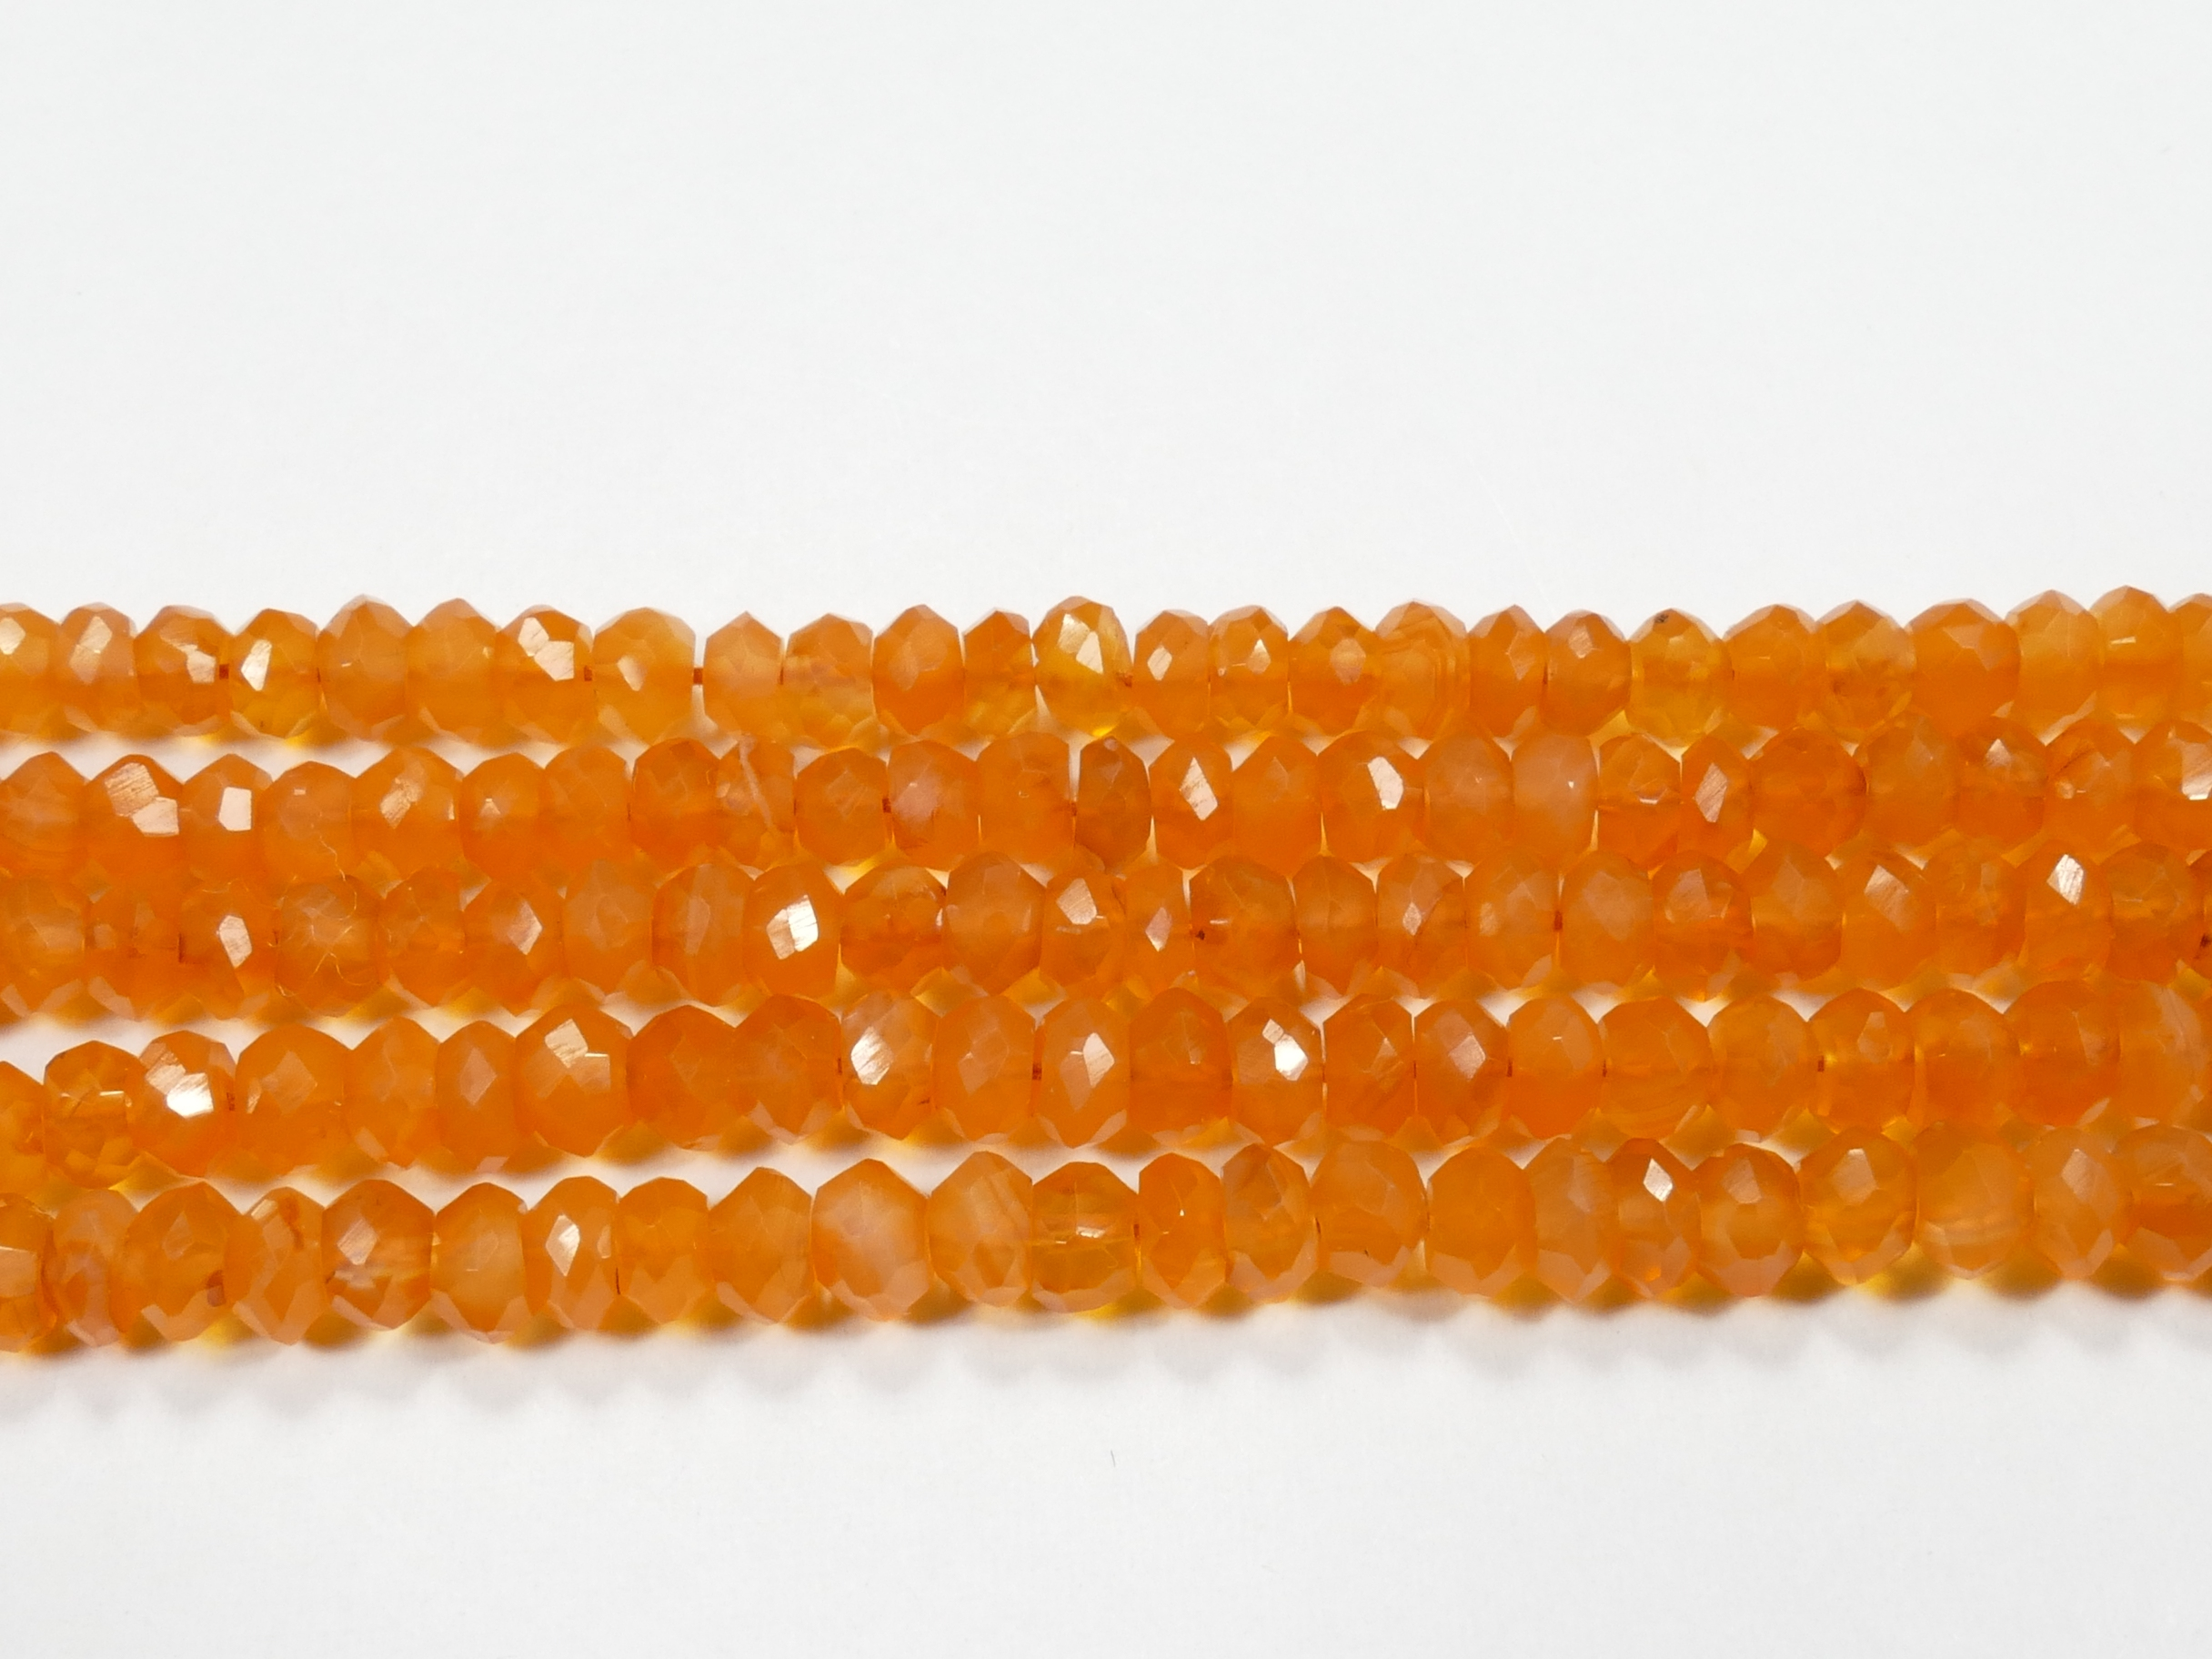 4/4.5mm Perle de Cornaline (Agate) naturelle rondelle facettée d\'Inde x17cm (6.7inch) (#AC888)